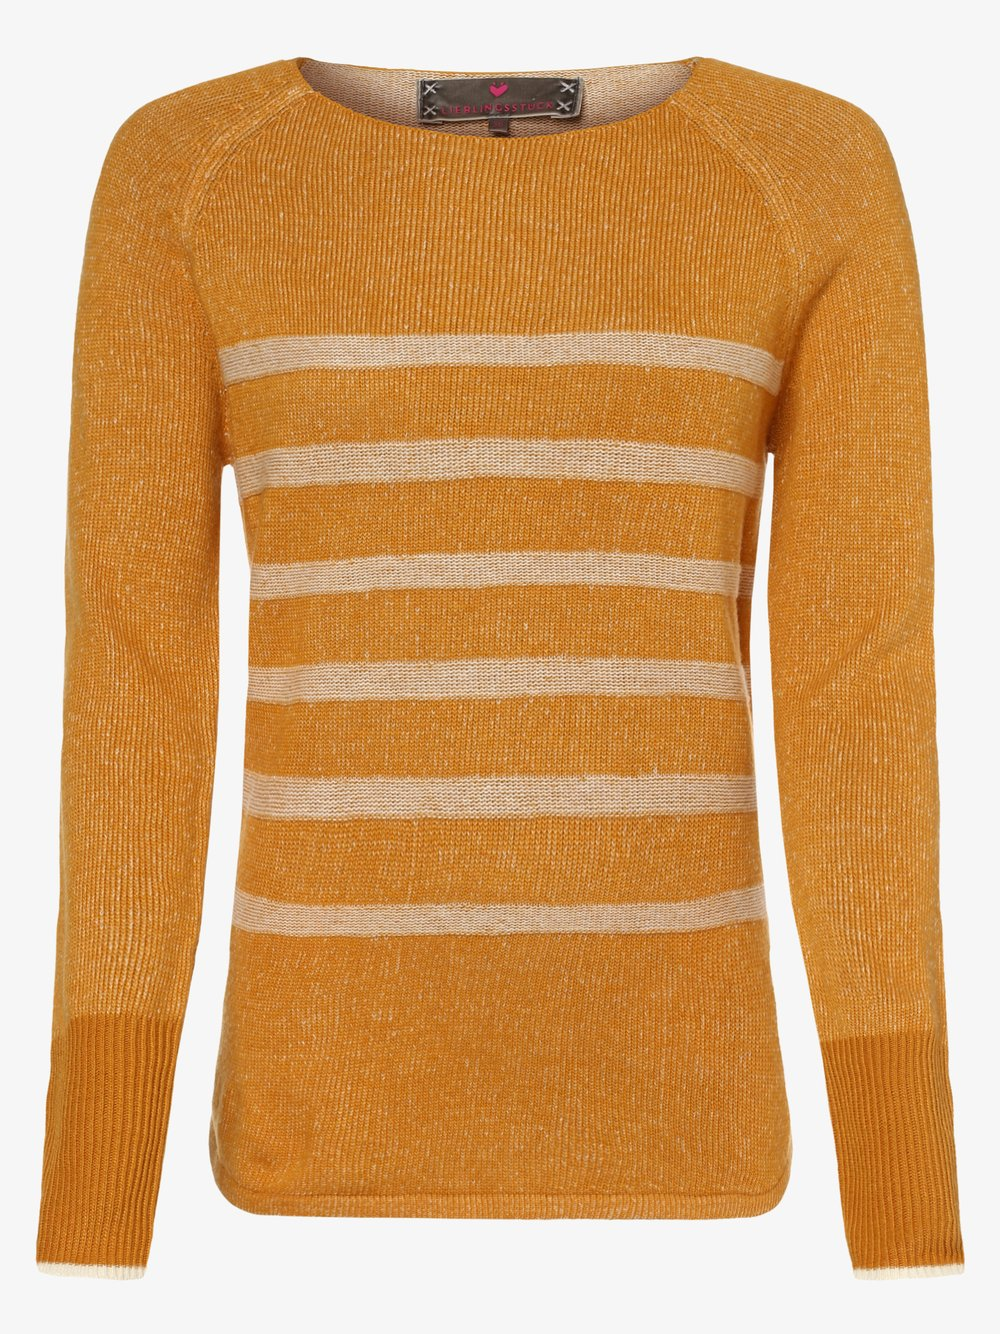 Lieblingsstück – Sweter damski – ScoselineL, żółty Van Graaf 457255-0002-00460